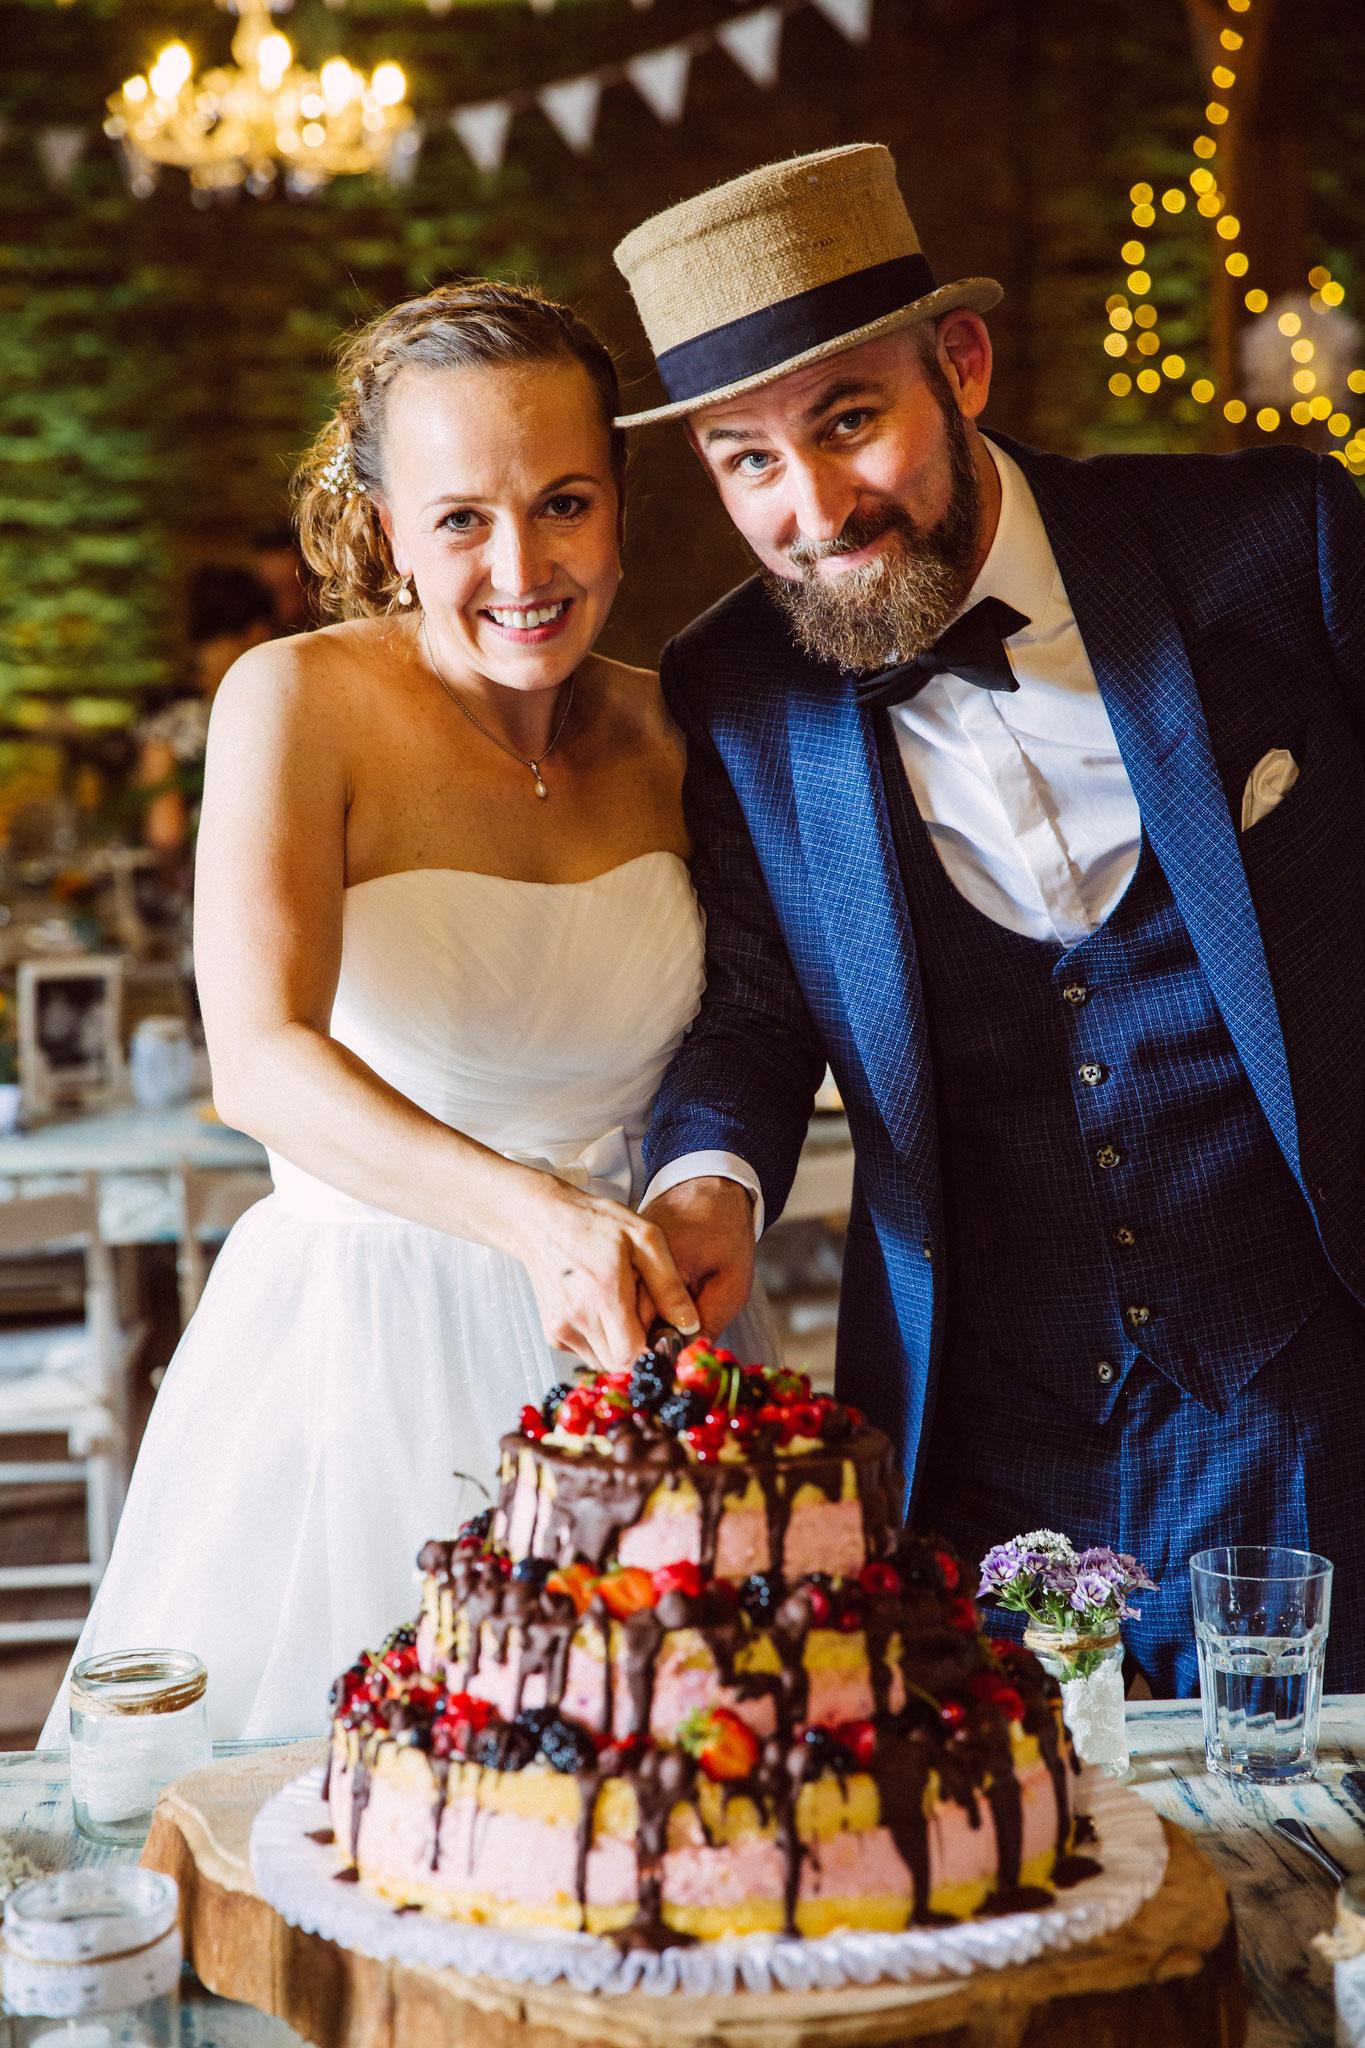 Hochzeitstorten sind Teamwork